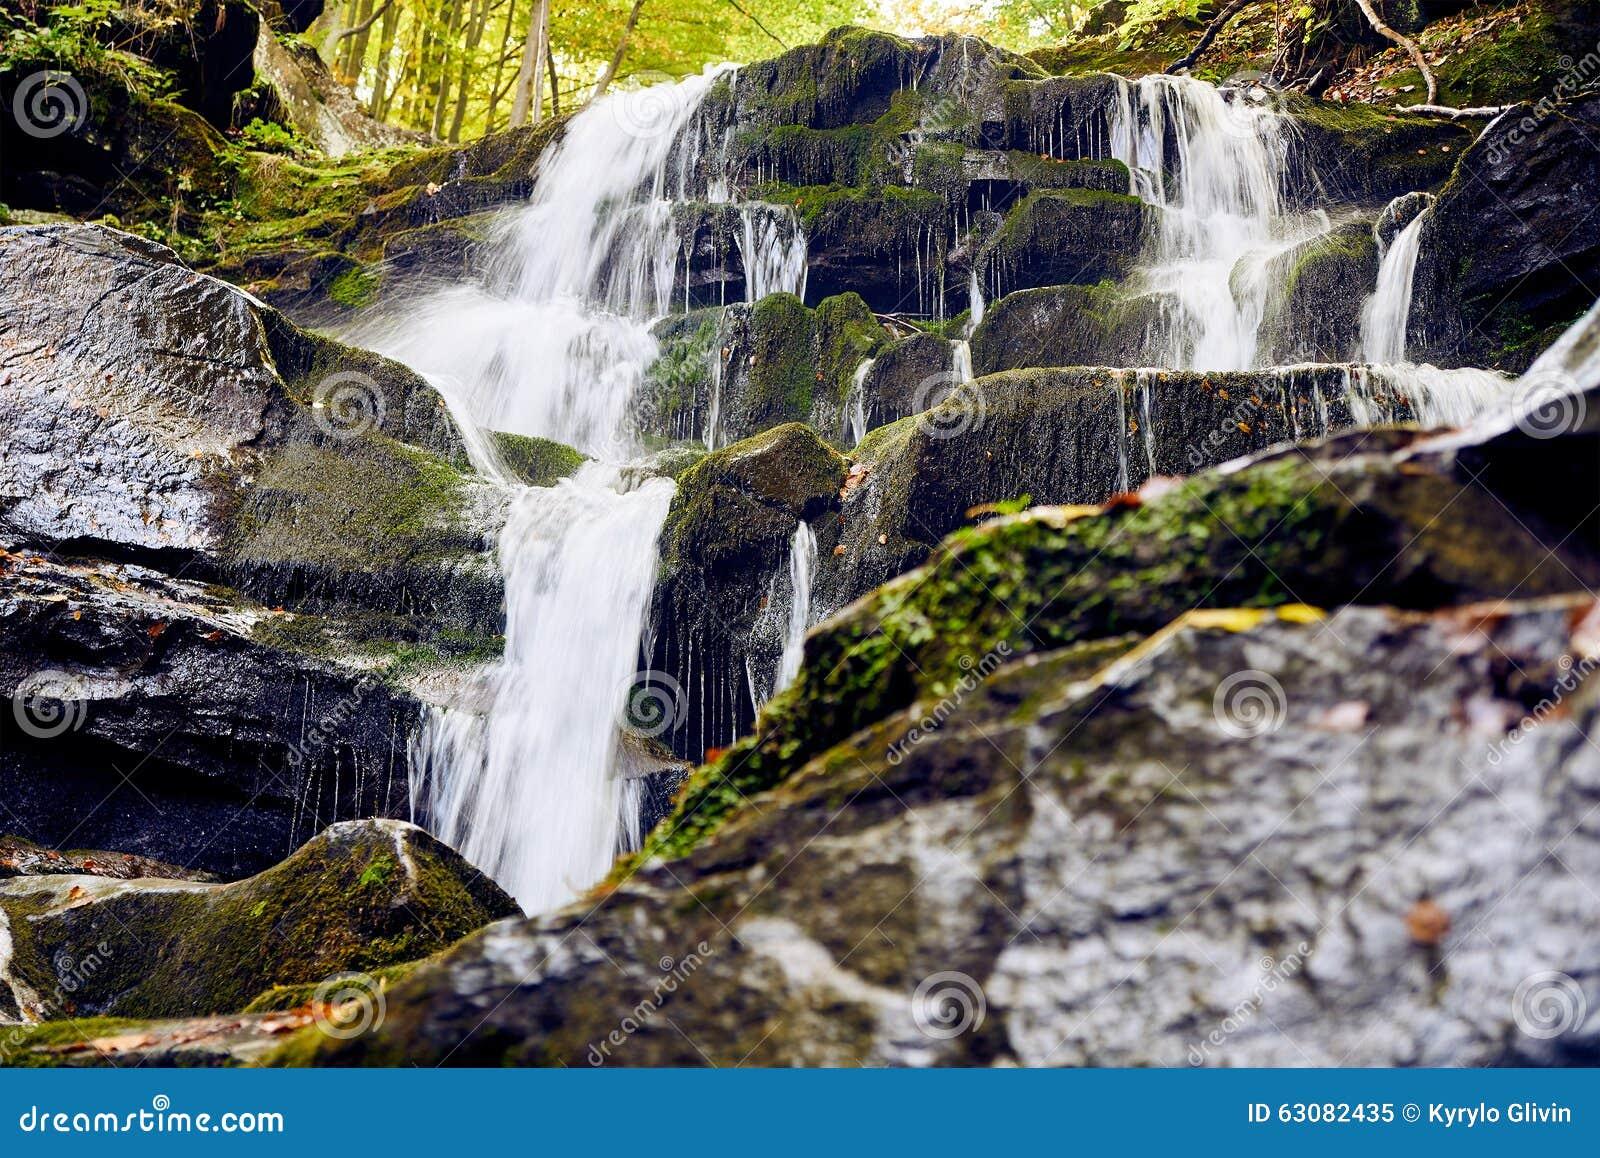 Download Cascade en montagnes image stock. Image du mouvement - 63082435